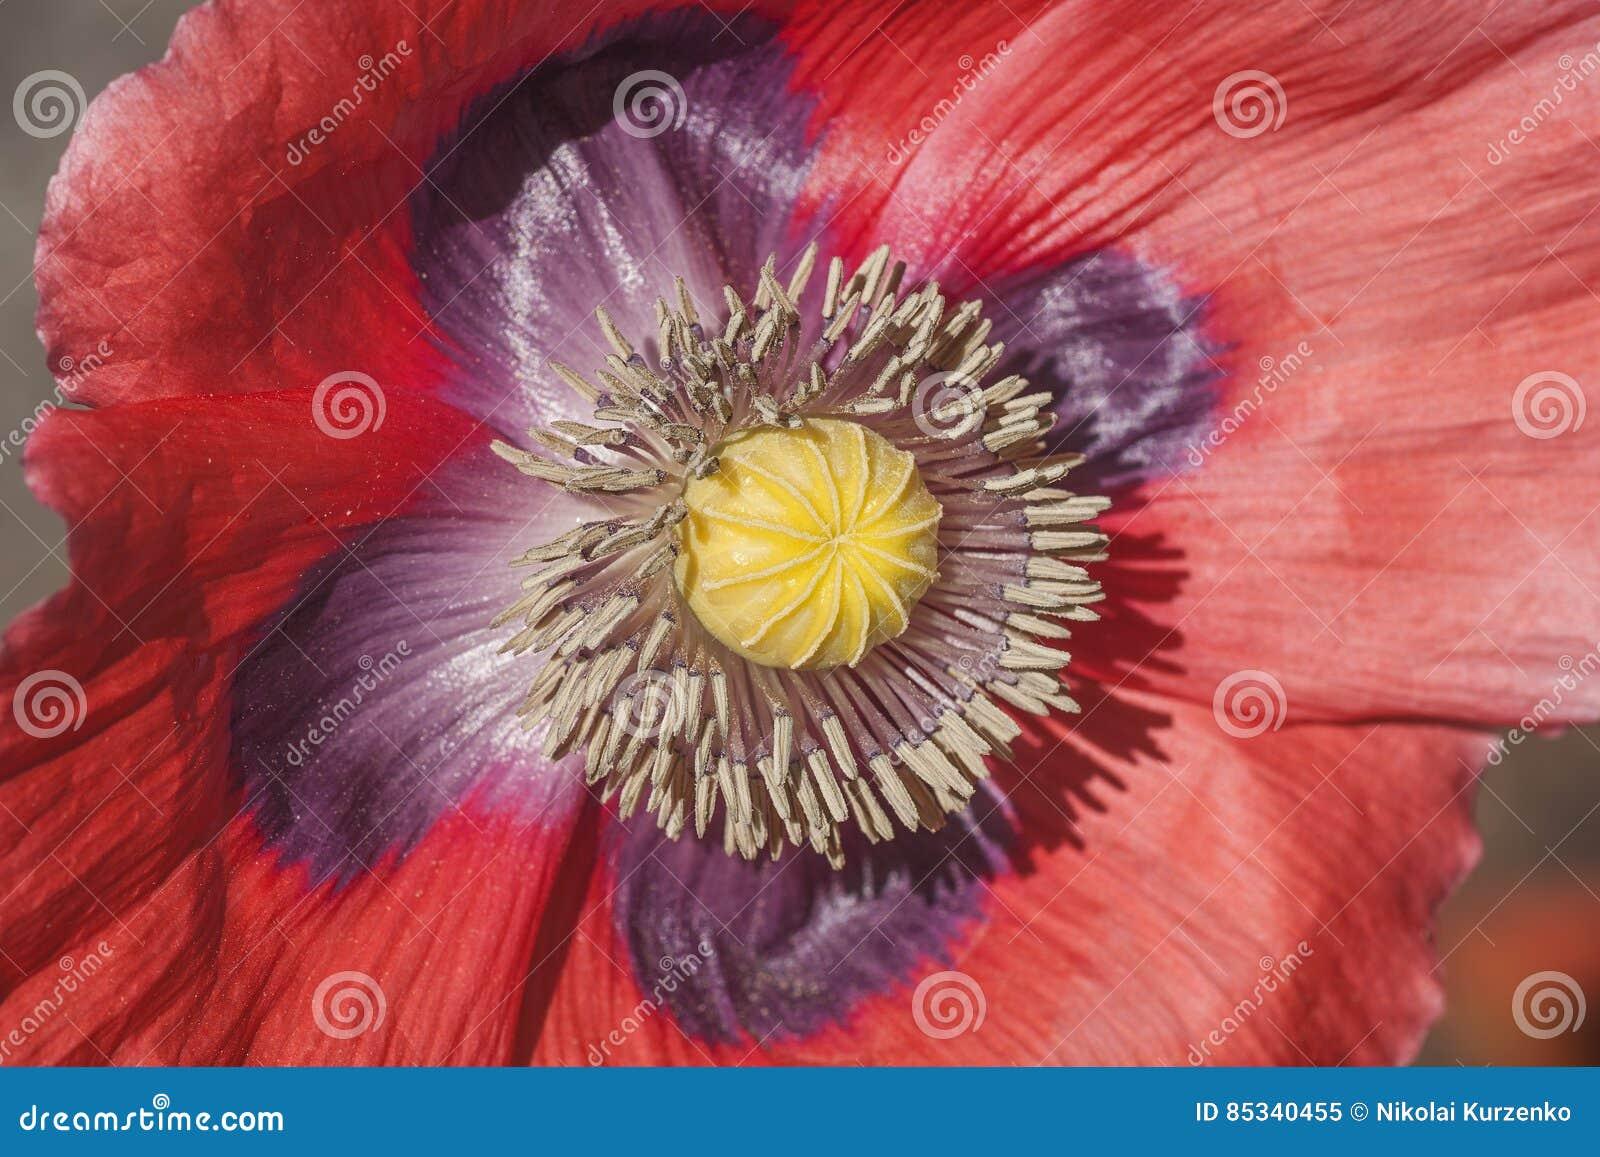 Opium Poppy Flower Stock Image Image Of Petal Pollen 85340455